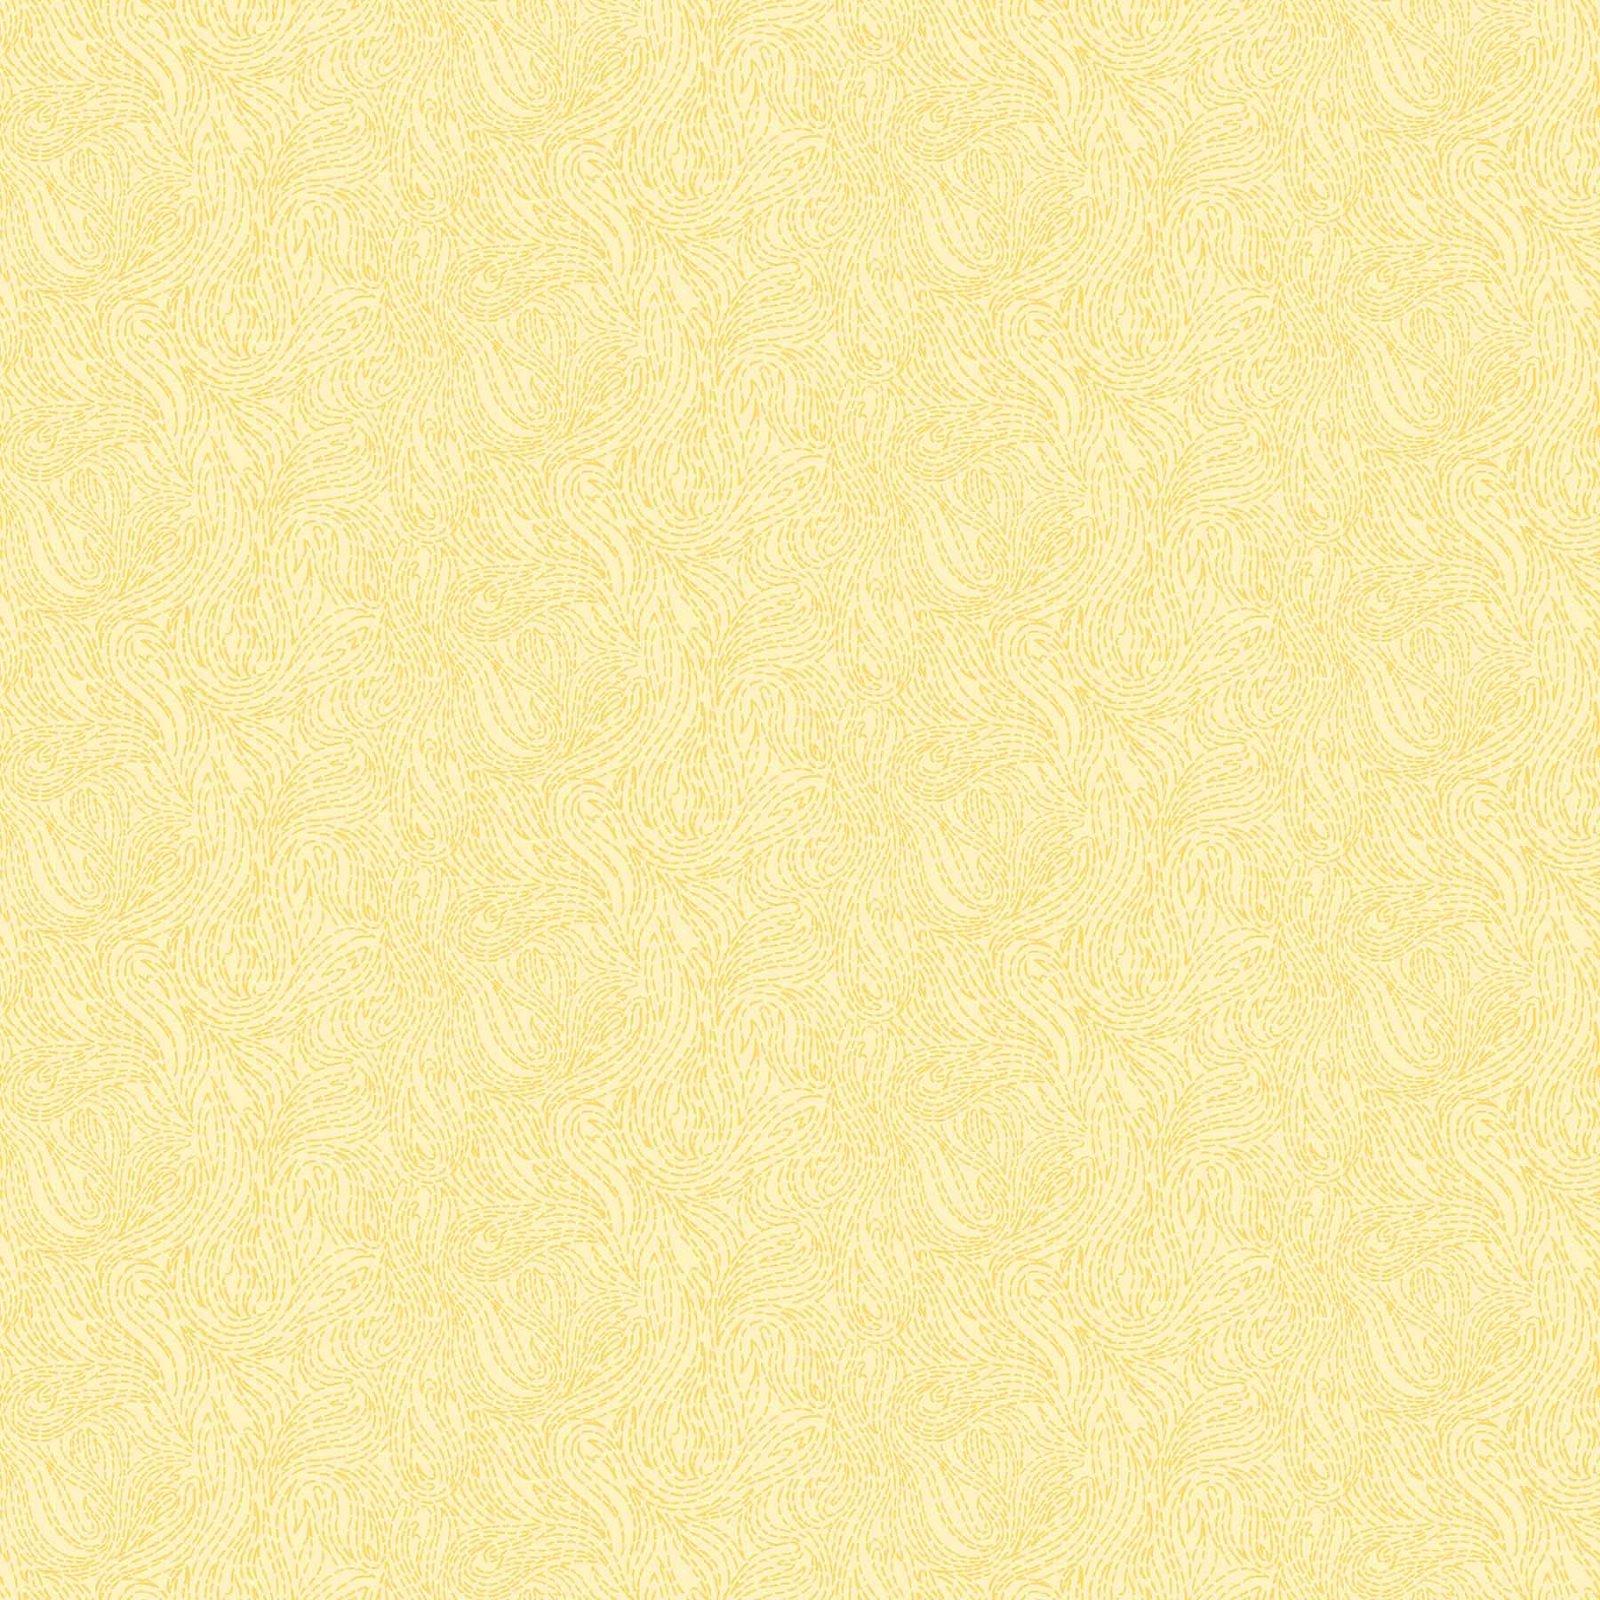 Figo Fabrics - Ghazal Razari - Elements Fire - Butter